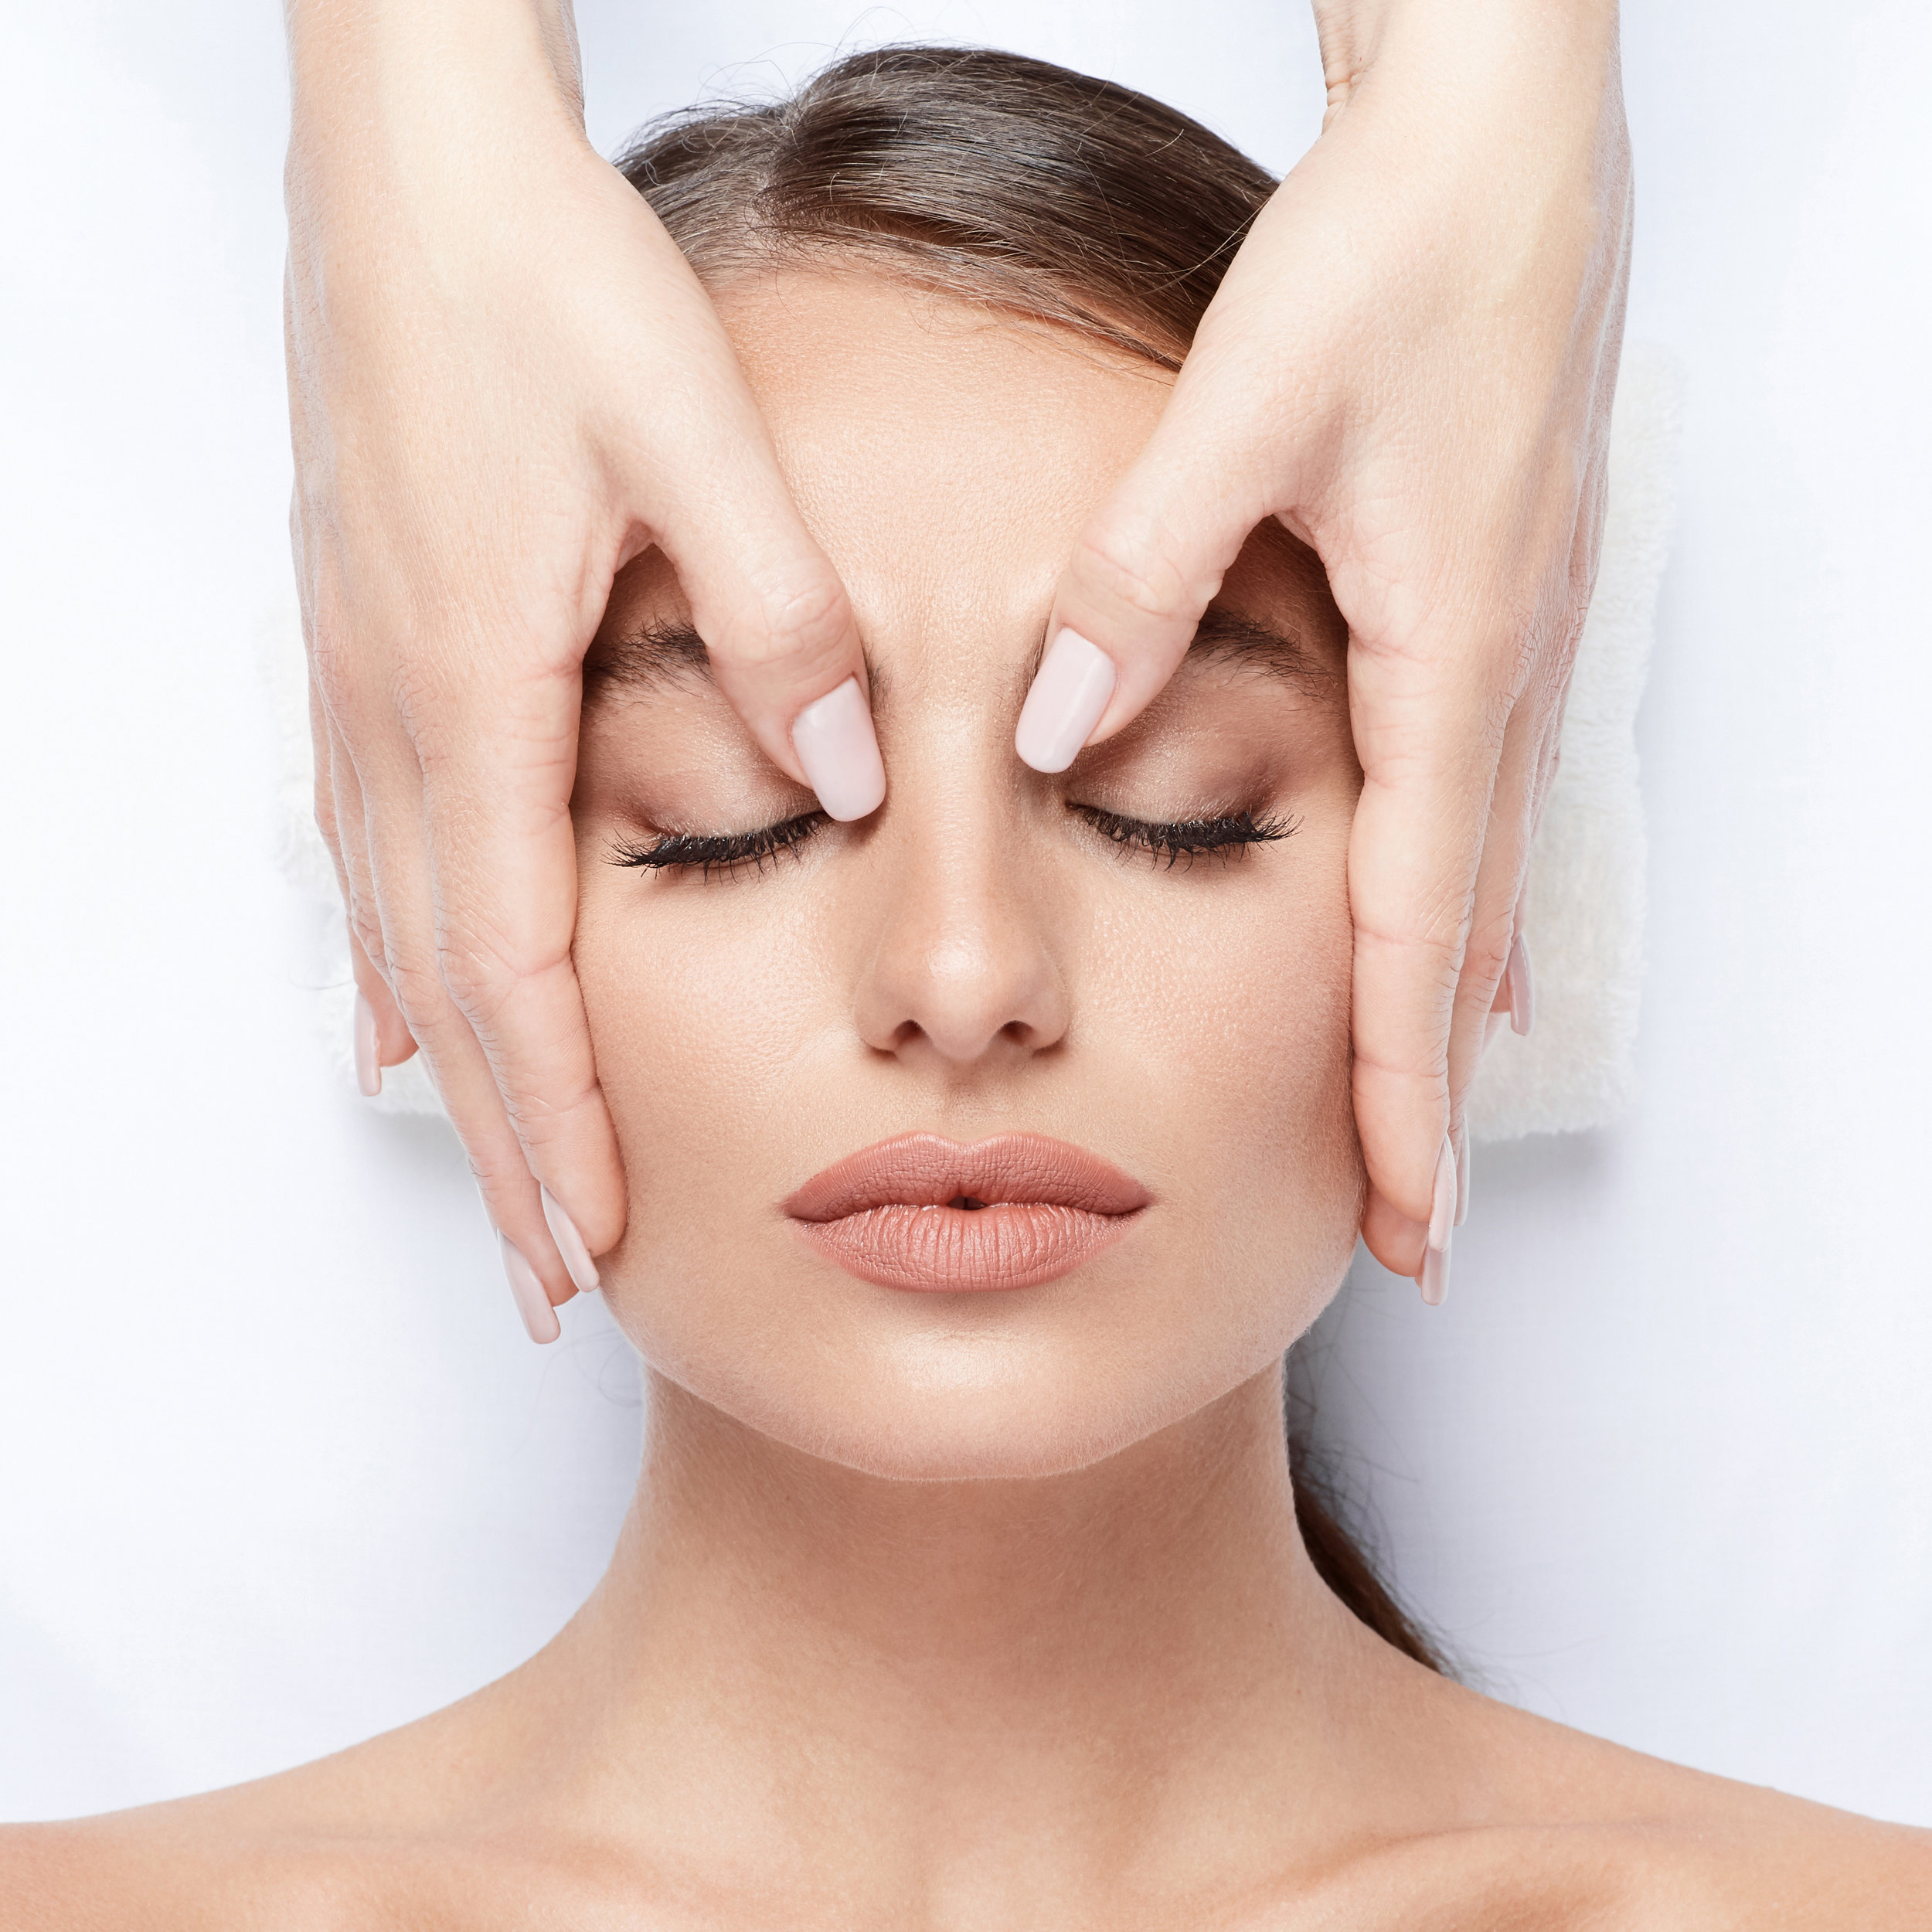 6. Suojaus - Hoidon jälkeen valitsemme ihotyypille soveltuvimman päivävoiteen sekä aurinkosuojan, jotta syvähoidettu iho pysyy täydellisesti suojattuna.